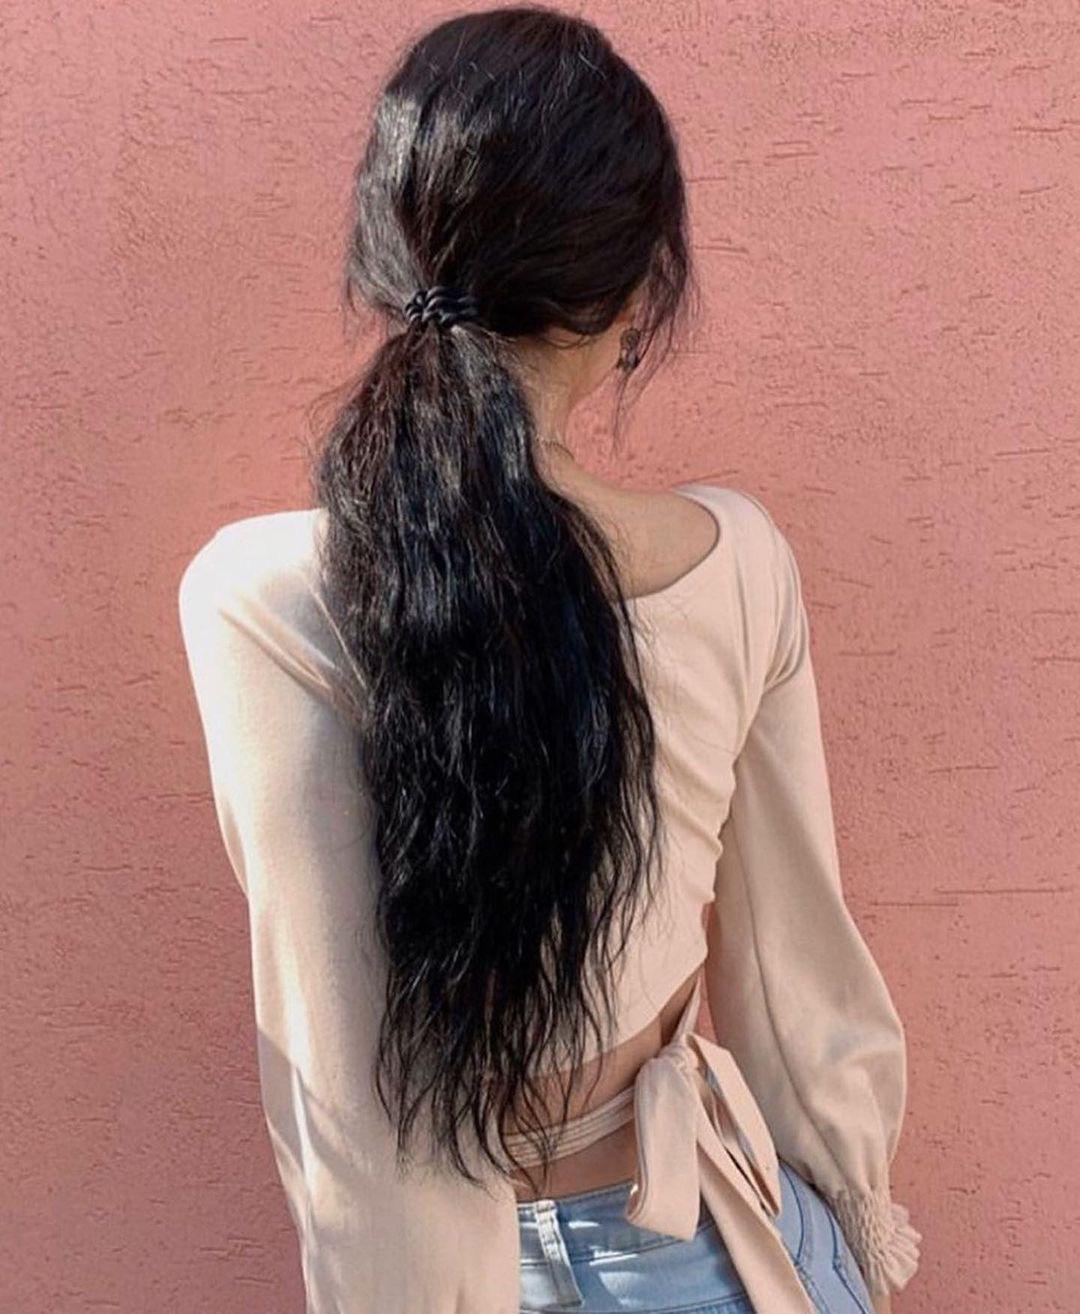 5 trend tóc dài đang hot nhất ở các tiệm Hàn Quốc lúc này, đặt ngay lịch cắt để trẻ ra 5 tuổi là ít-9